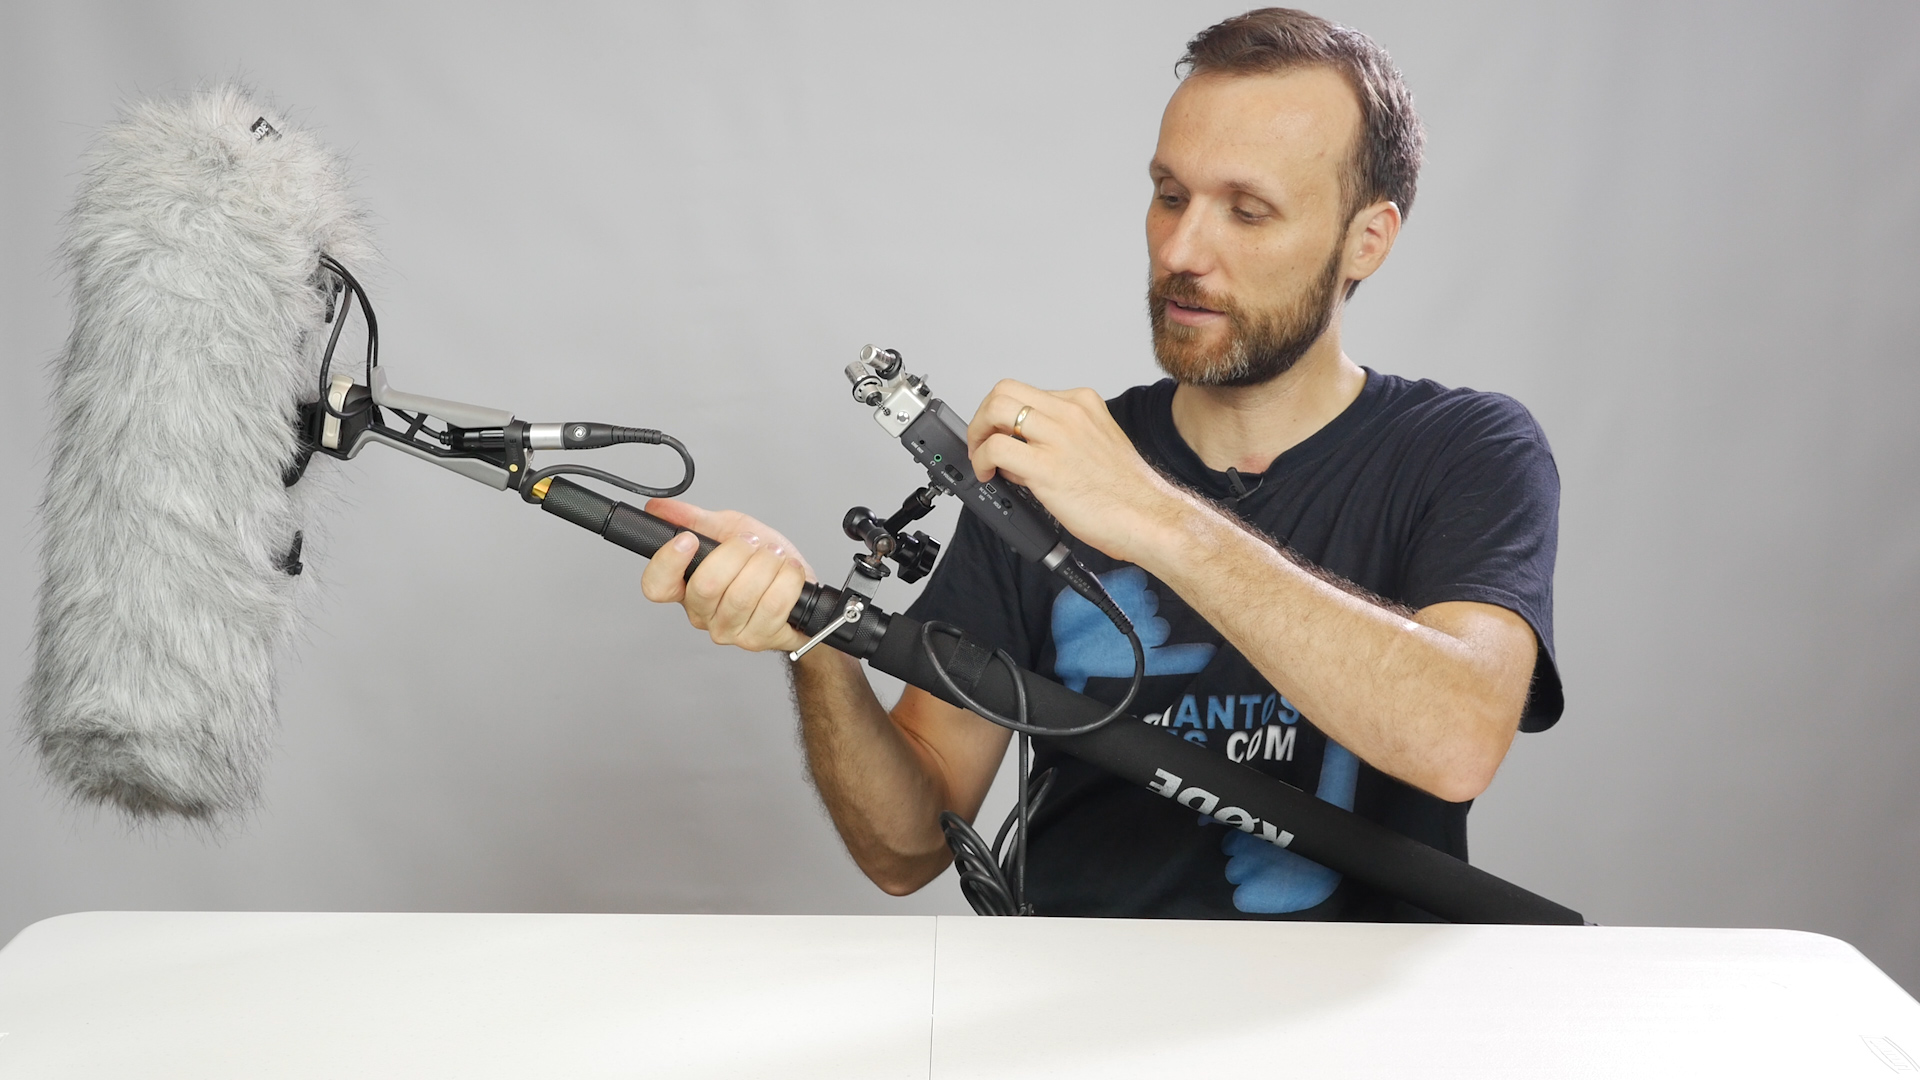 Best Indie Film Audio Setup With Rode Ntg 4 Shotgun Mic